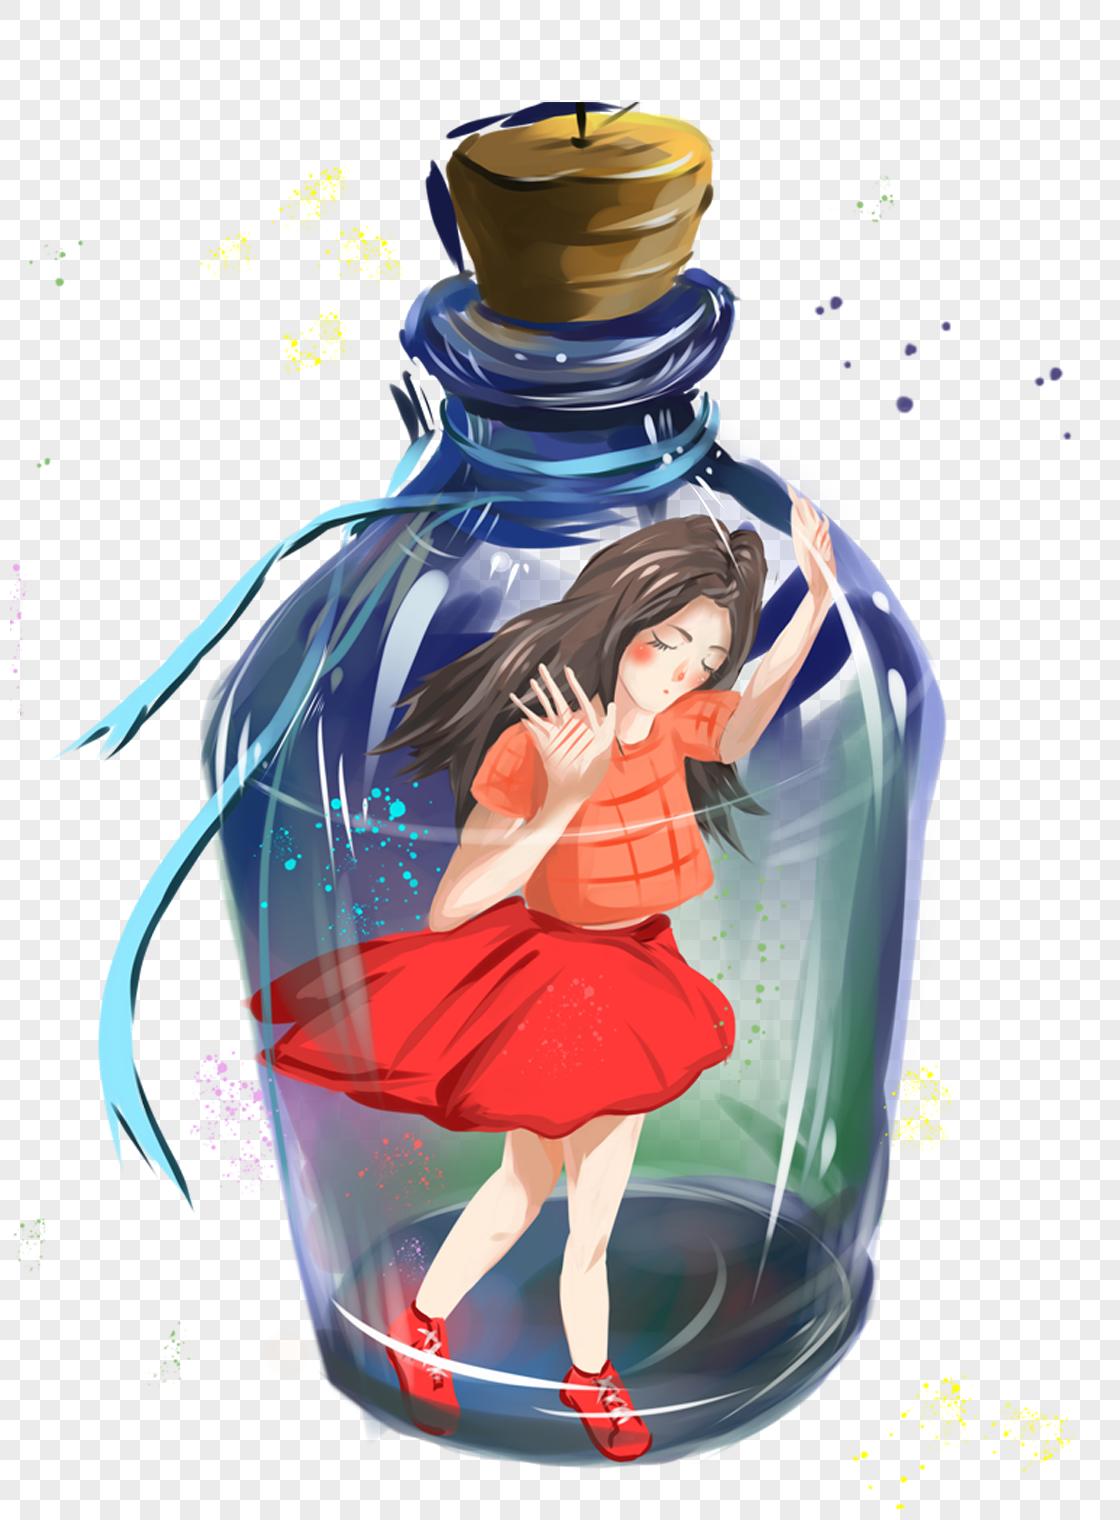 图片 素材 手绘/卡通元素 玻璃瓶中的女孩.